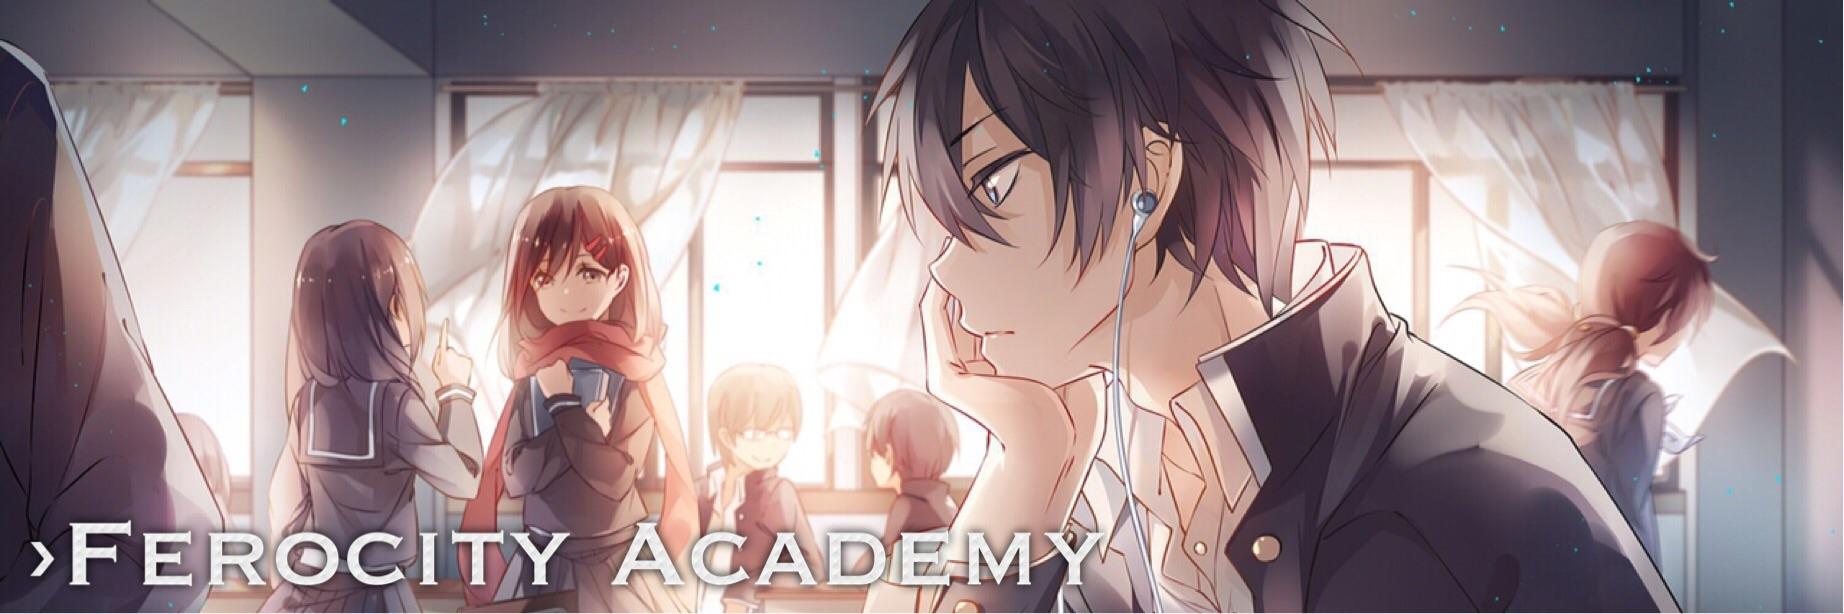 »› Ferocity Academy ‹«